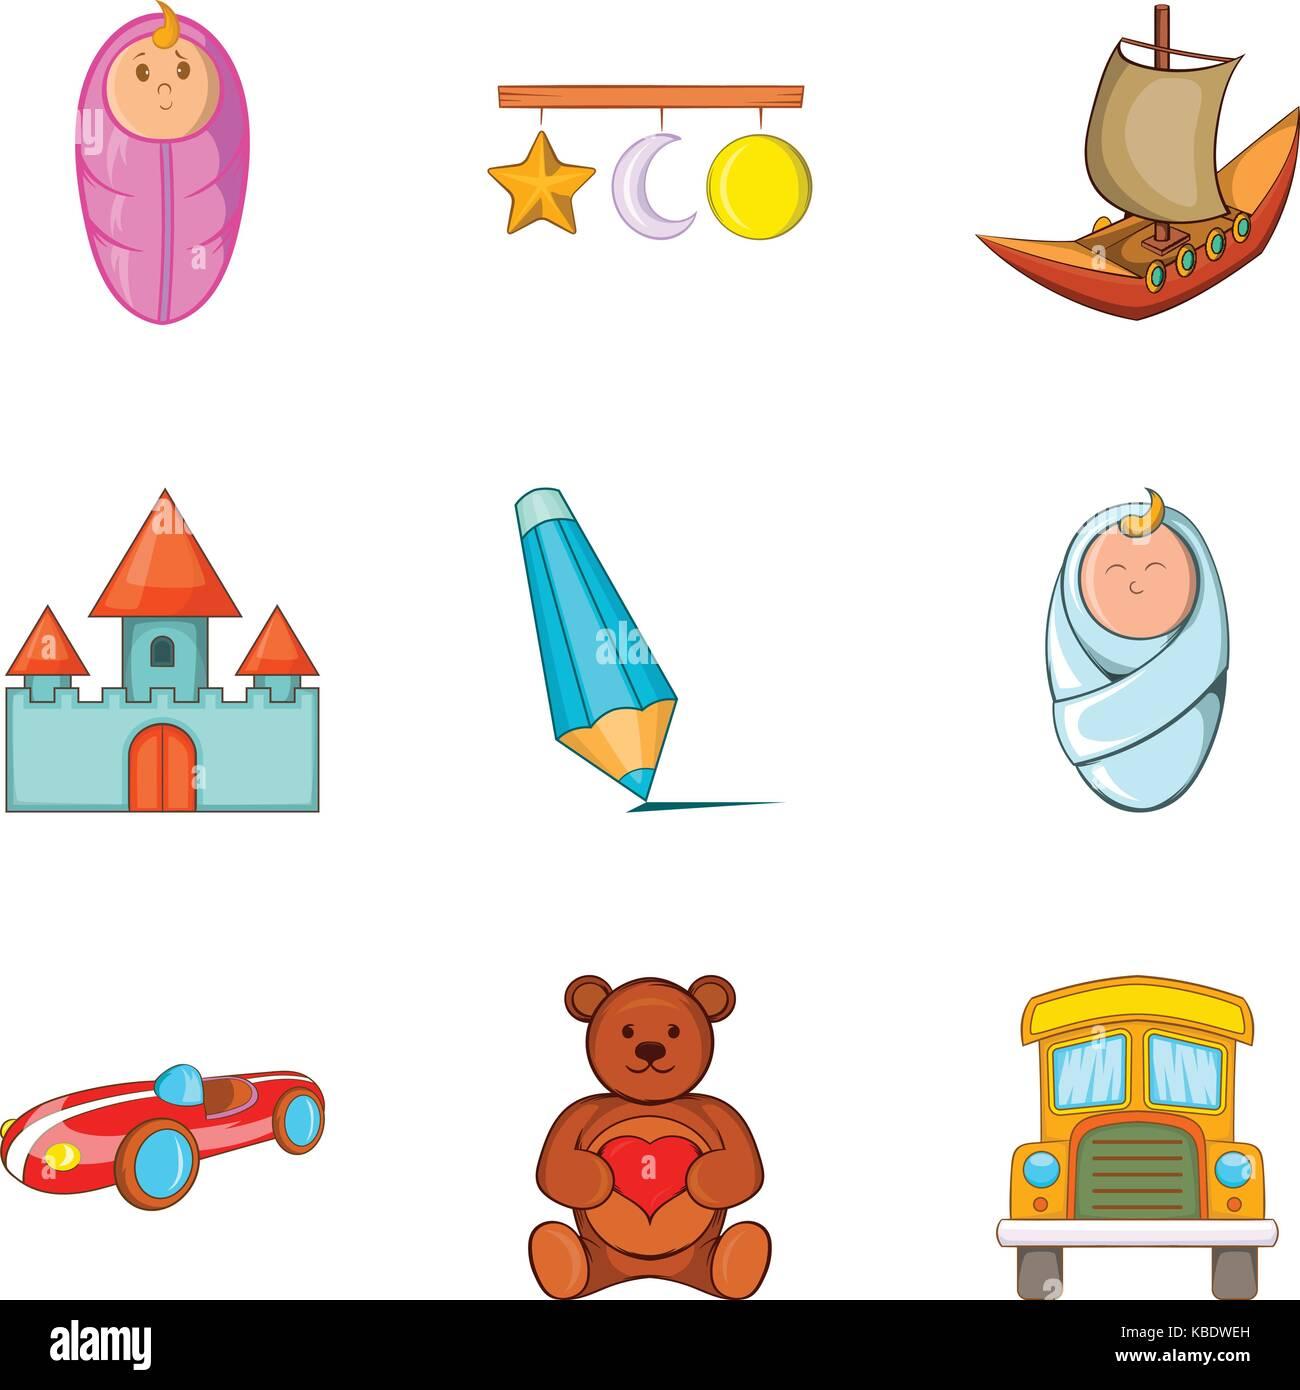 Felt-toys icons set, cartoon style - Stock Image